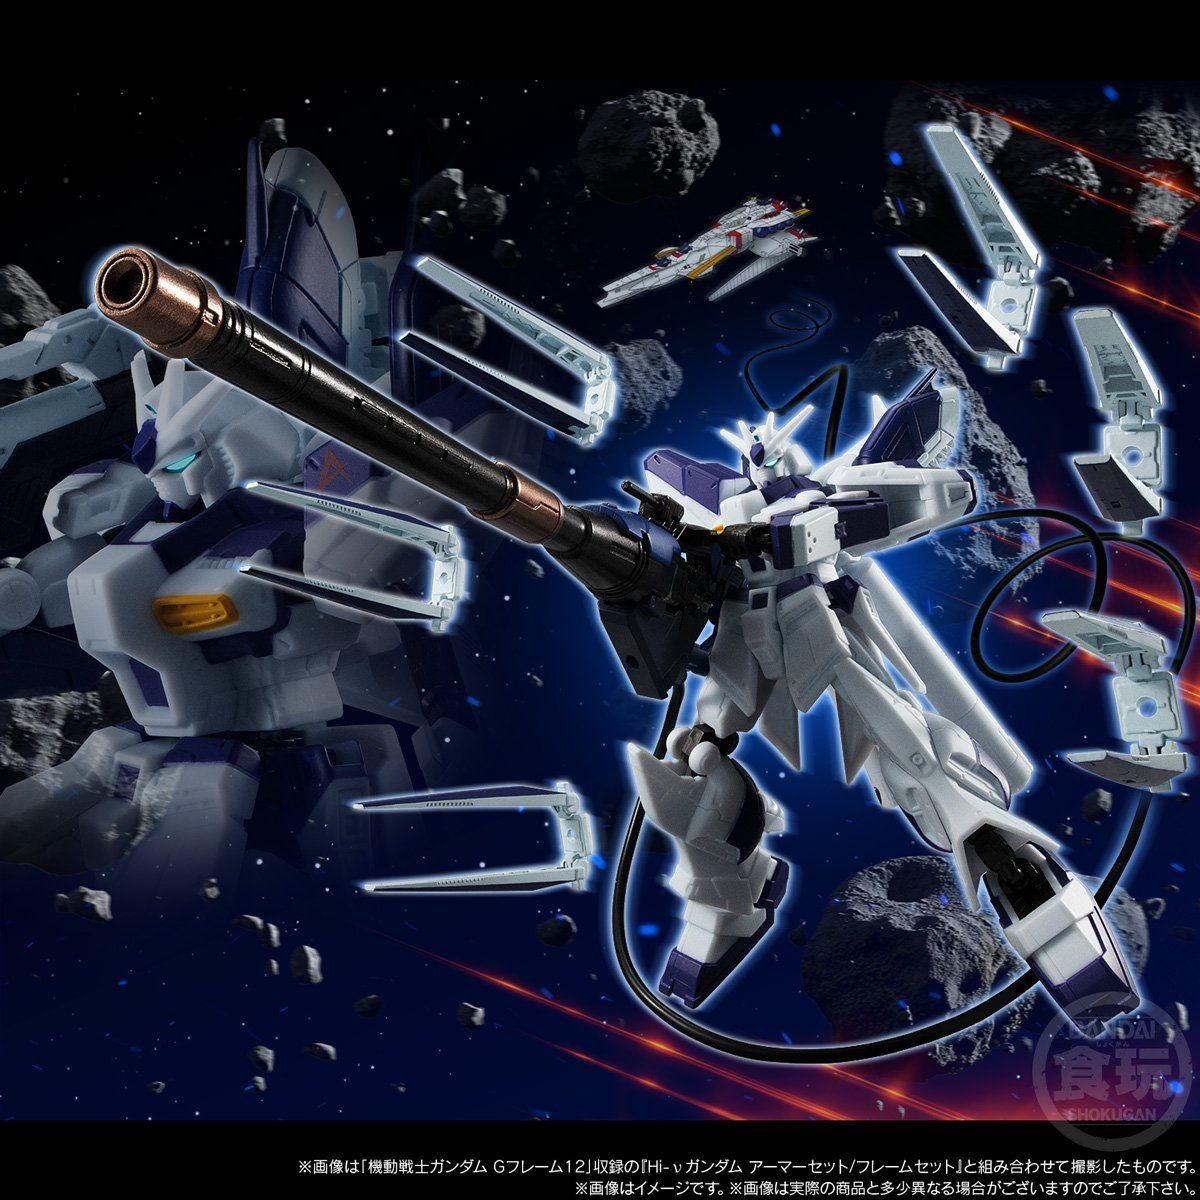 【限定販売】【食玩】機動戦士ガンダム『Gフレーム Hi-νガンダム オプションパーツセット』-008